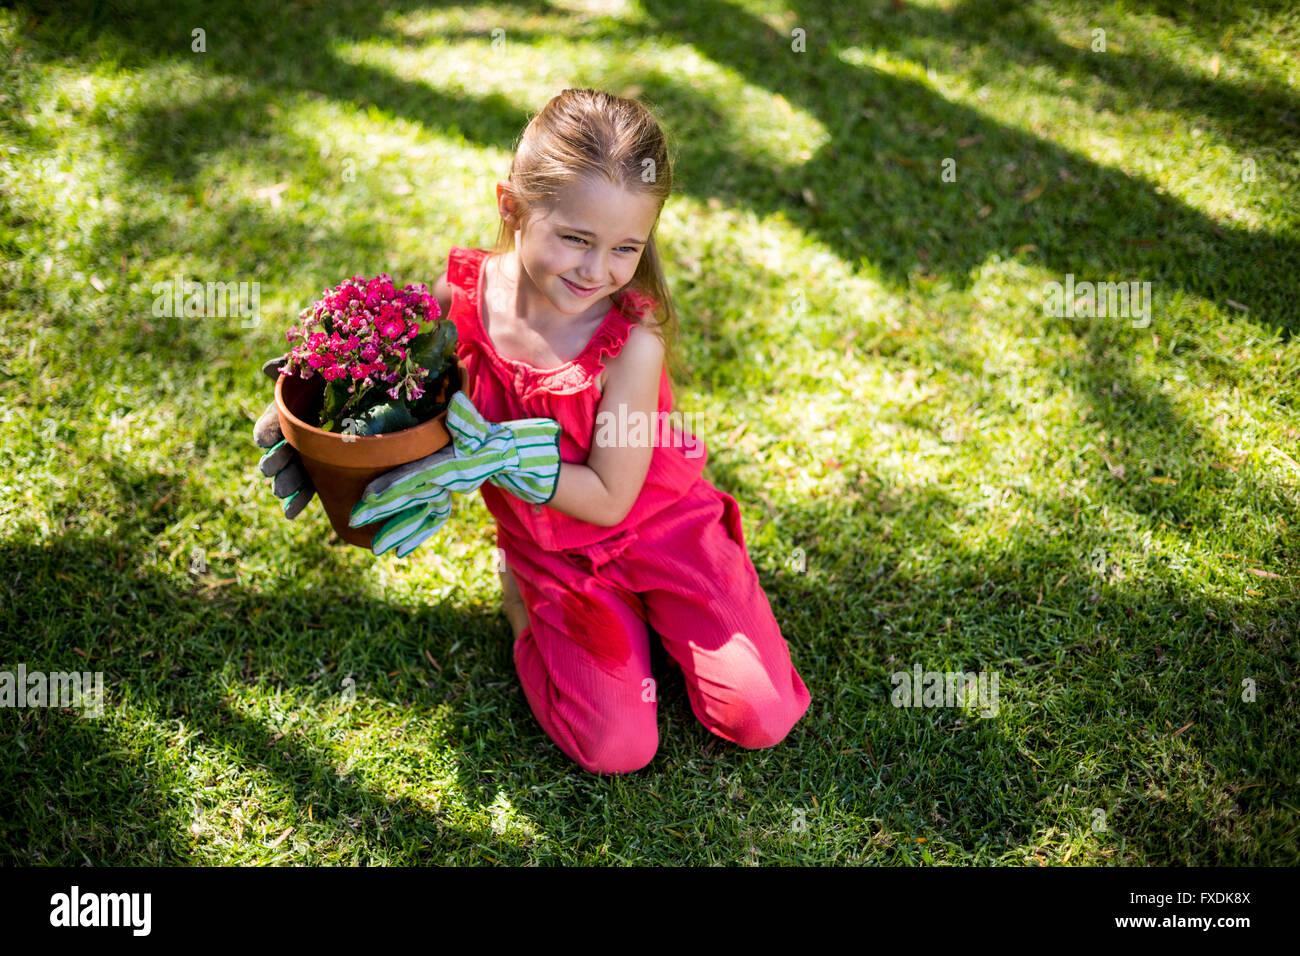 Ragazza con vaso di fiori mentre è seduto in cantiere Immagini Stock